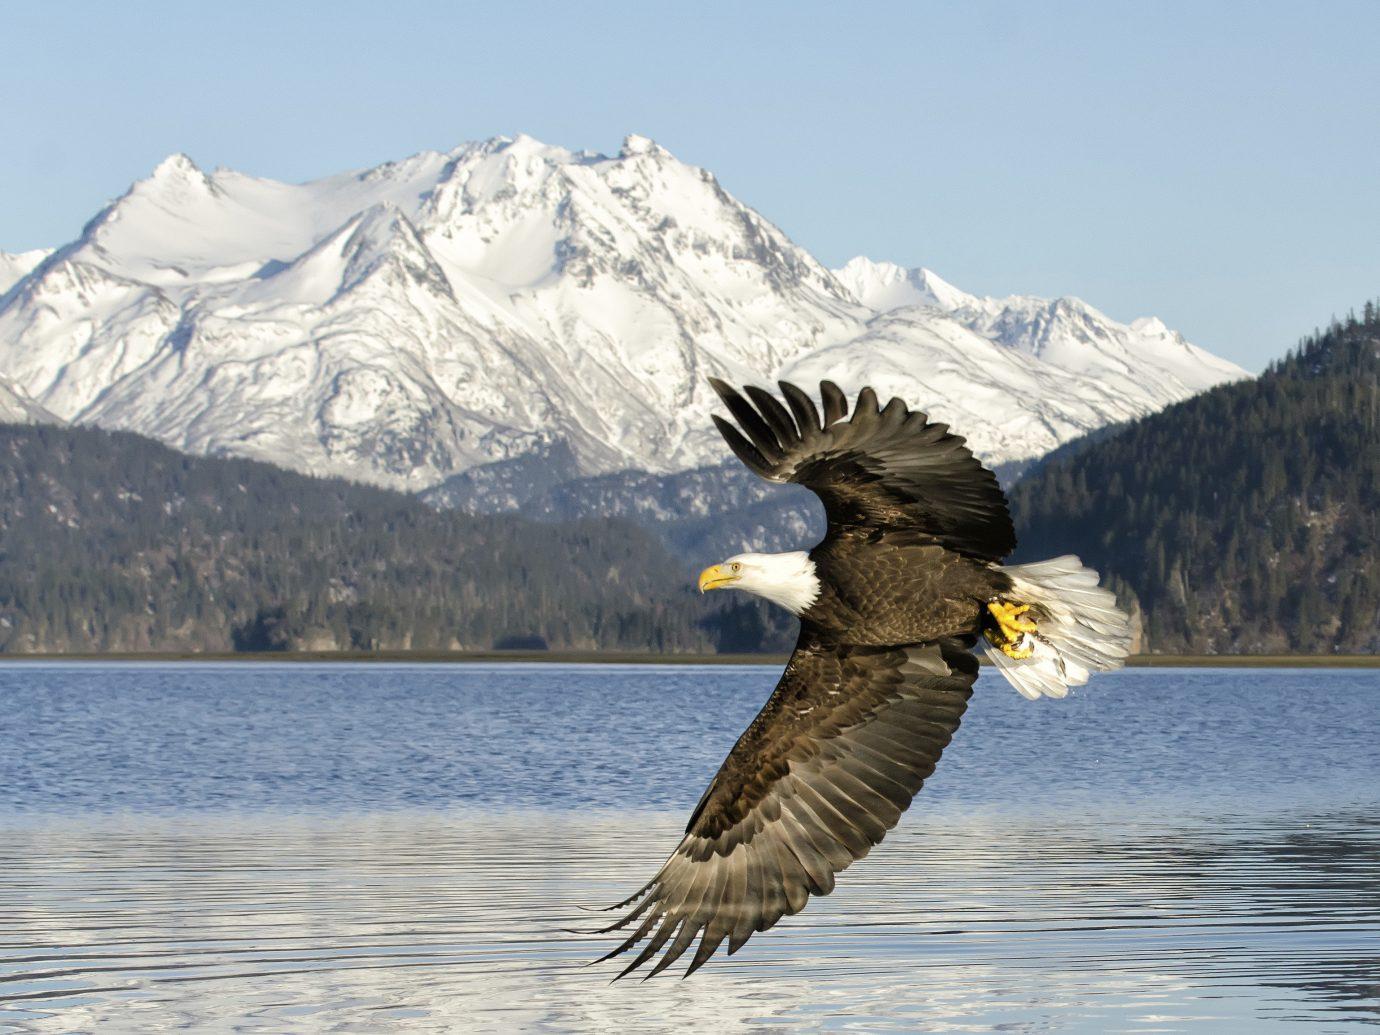 Trip Ideas sky outdoor snow animal Bird mountain vertebrate eagle bird of prey Winter bald eagle wing day